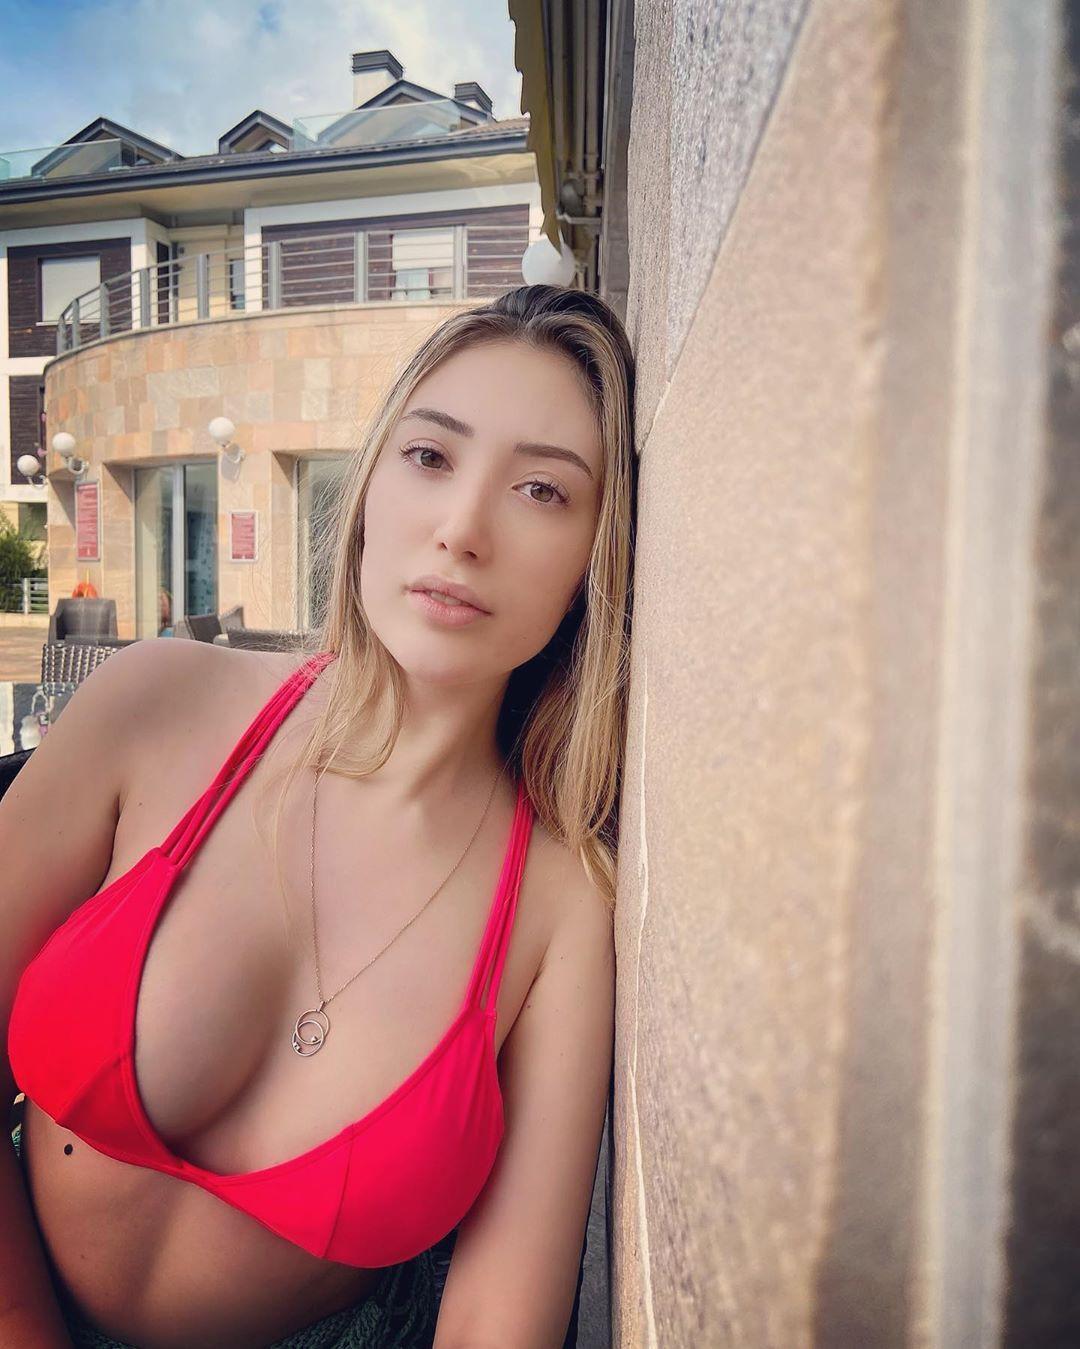 Yasmin Erbil kırmızı bikinisiyle dikkat çekti - Sayfa 2